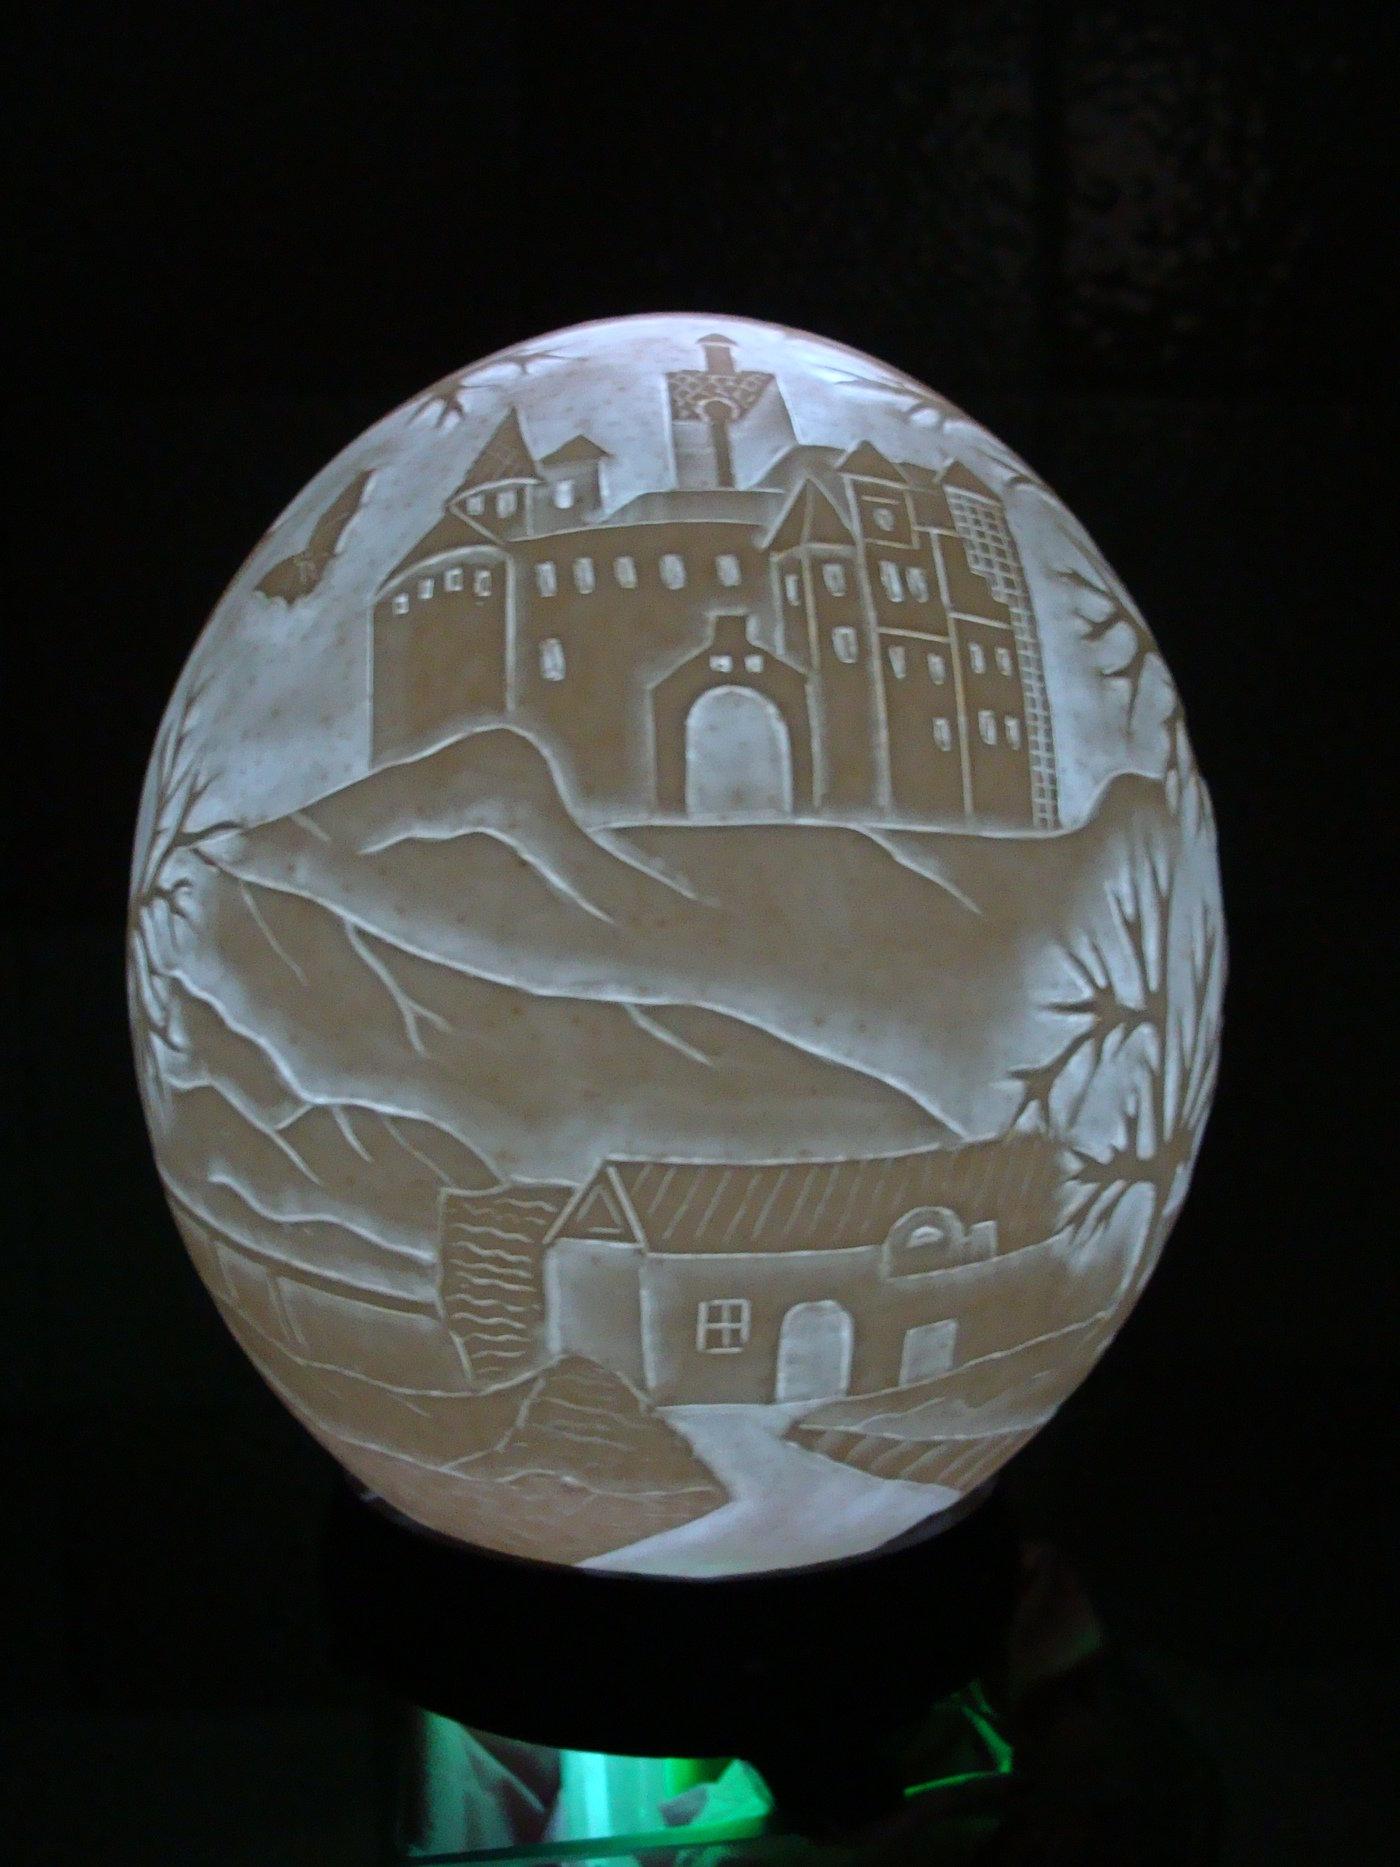 Egg Sculpture By Bratescu Daniel At Coroflot Com